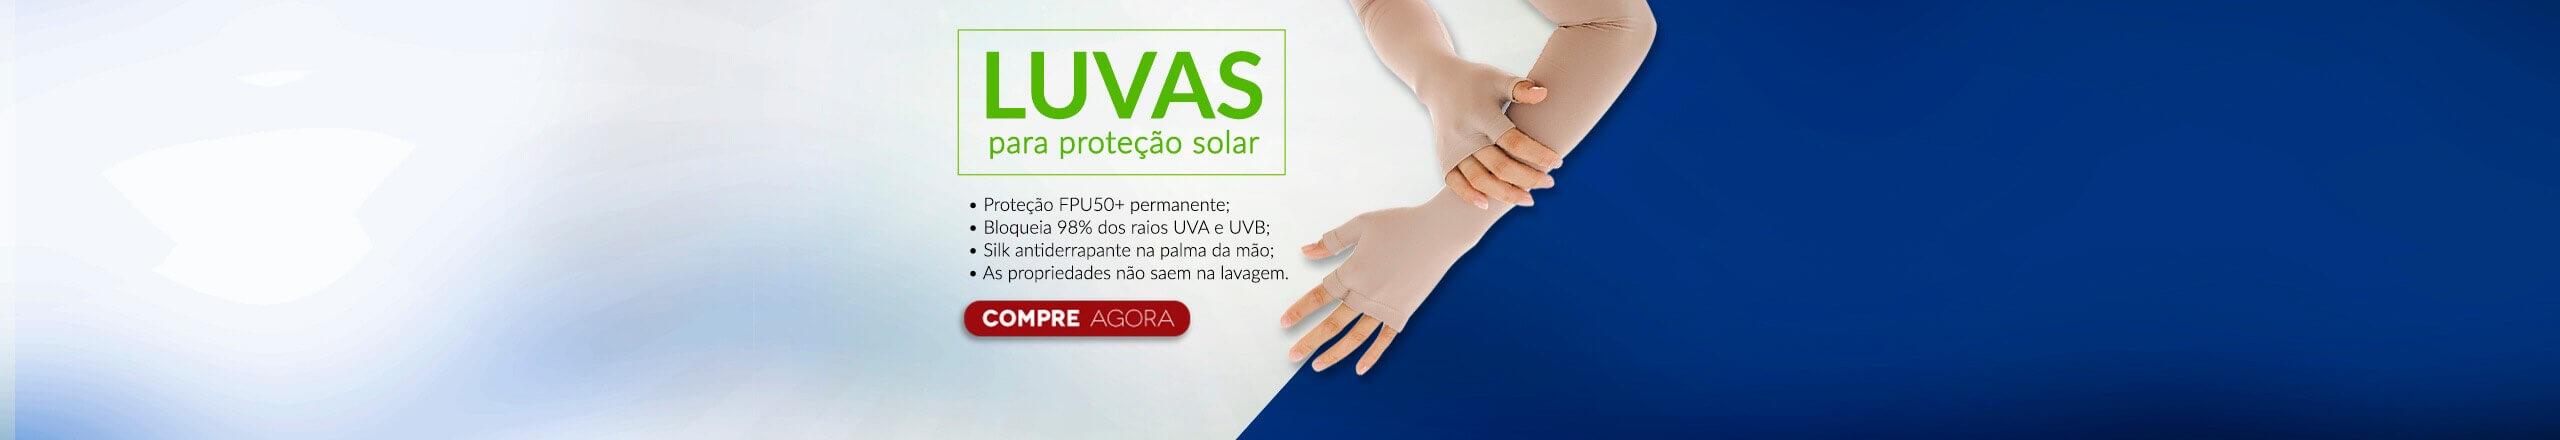 LUVAS DE PROTEÇÃO SOLAR